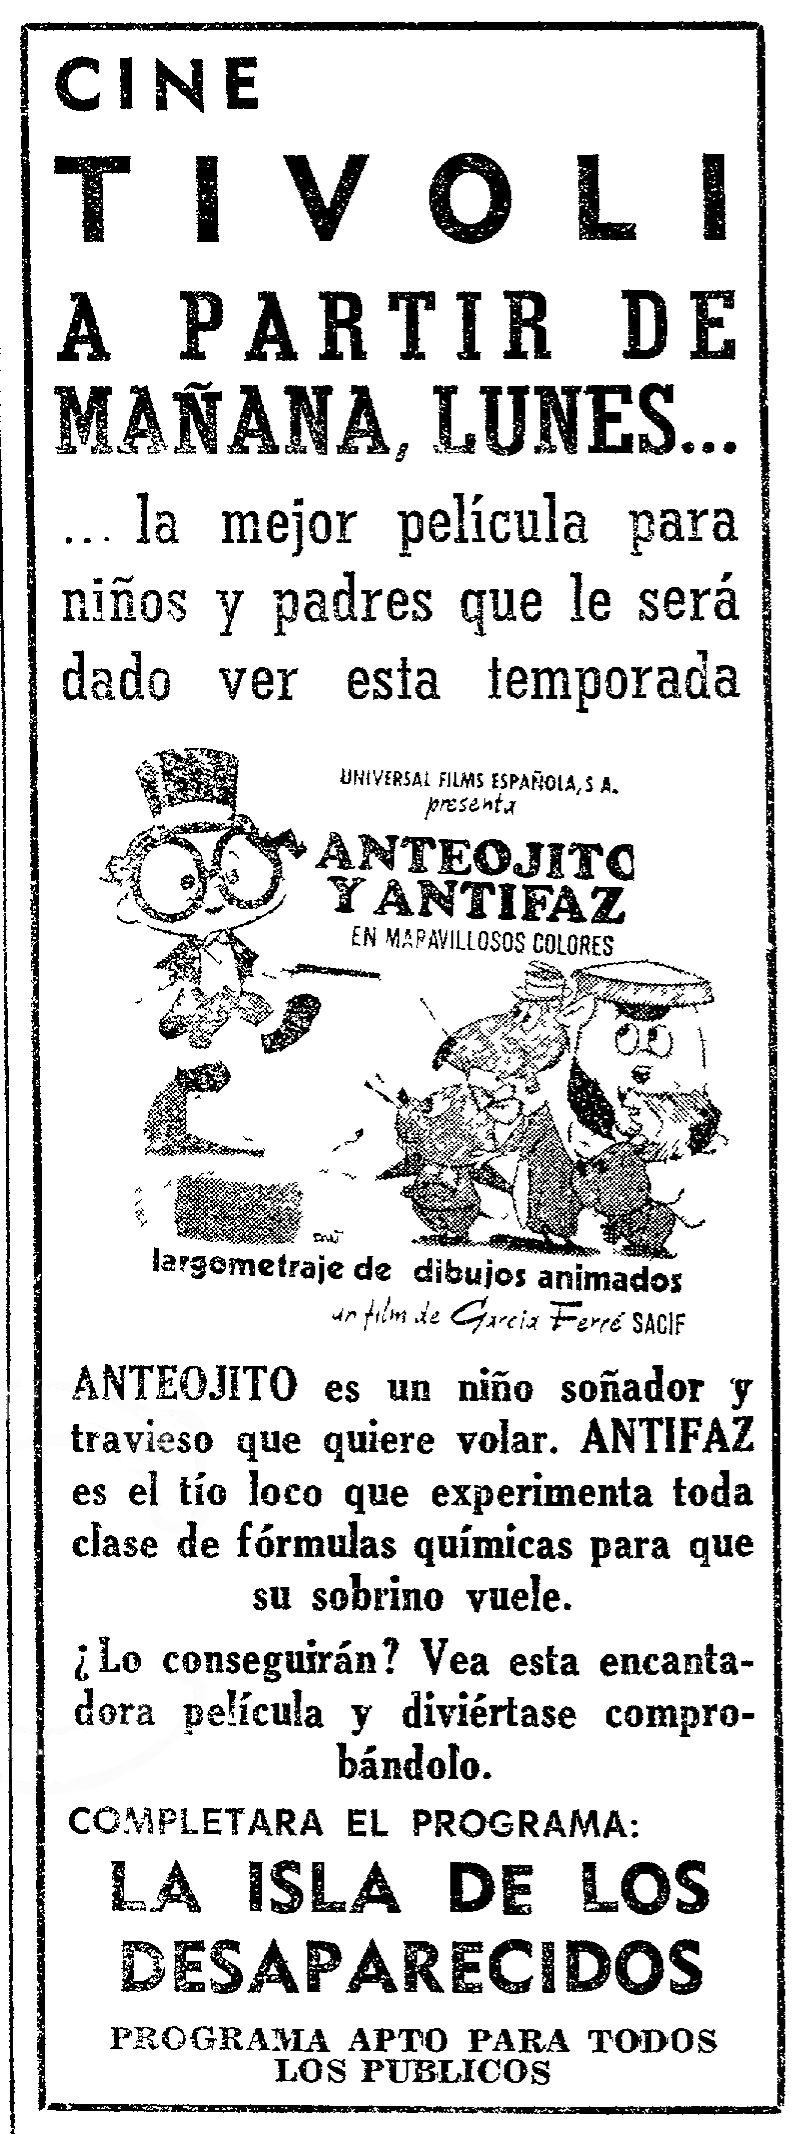 1972 - MIL INTENTOS Y UN INVENTO - Manuel García Ferré - (ABC, Domingo 30 de Septiembre de 1973, Madrid, España)